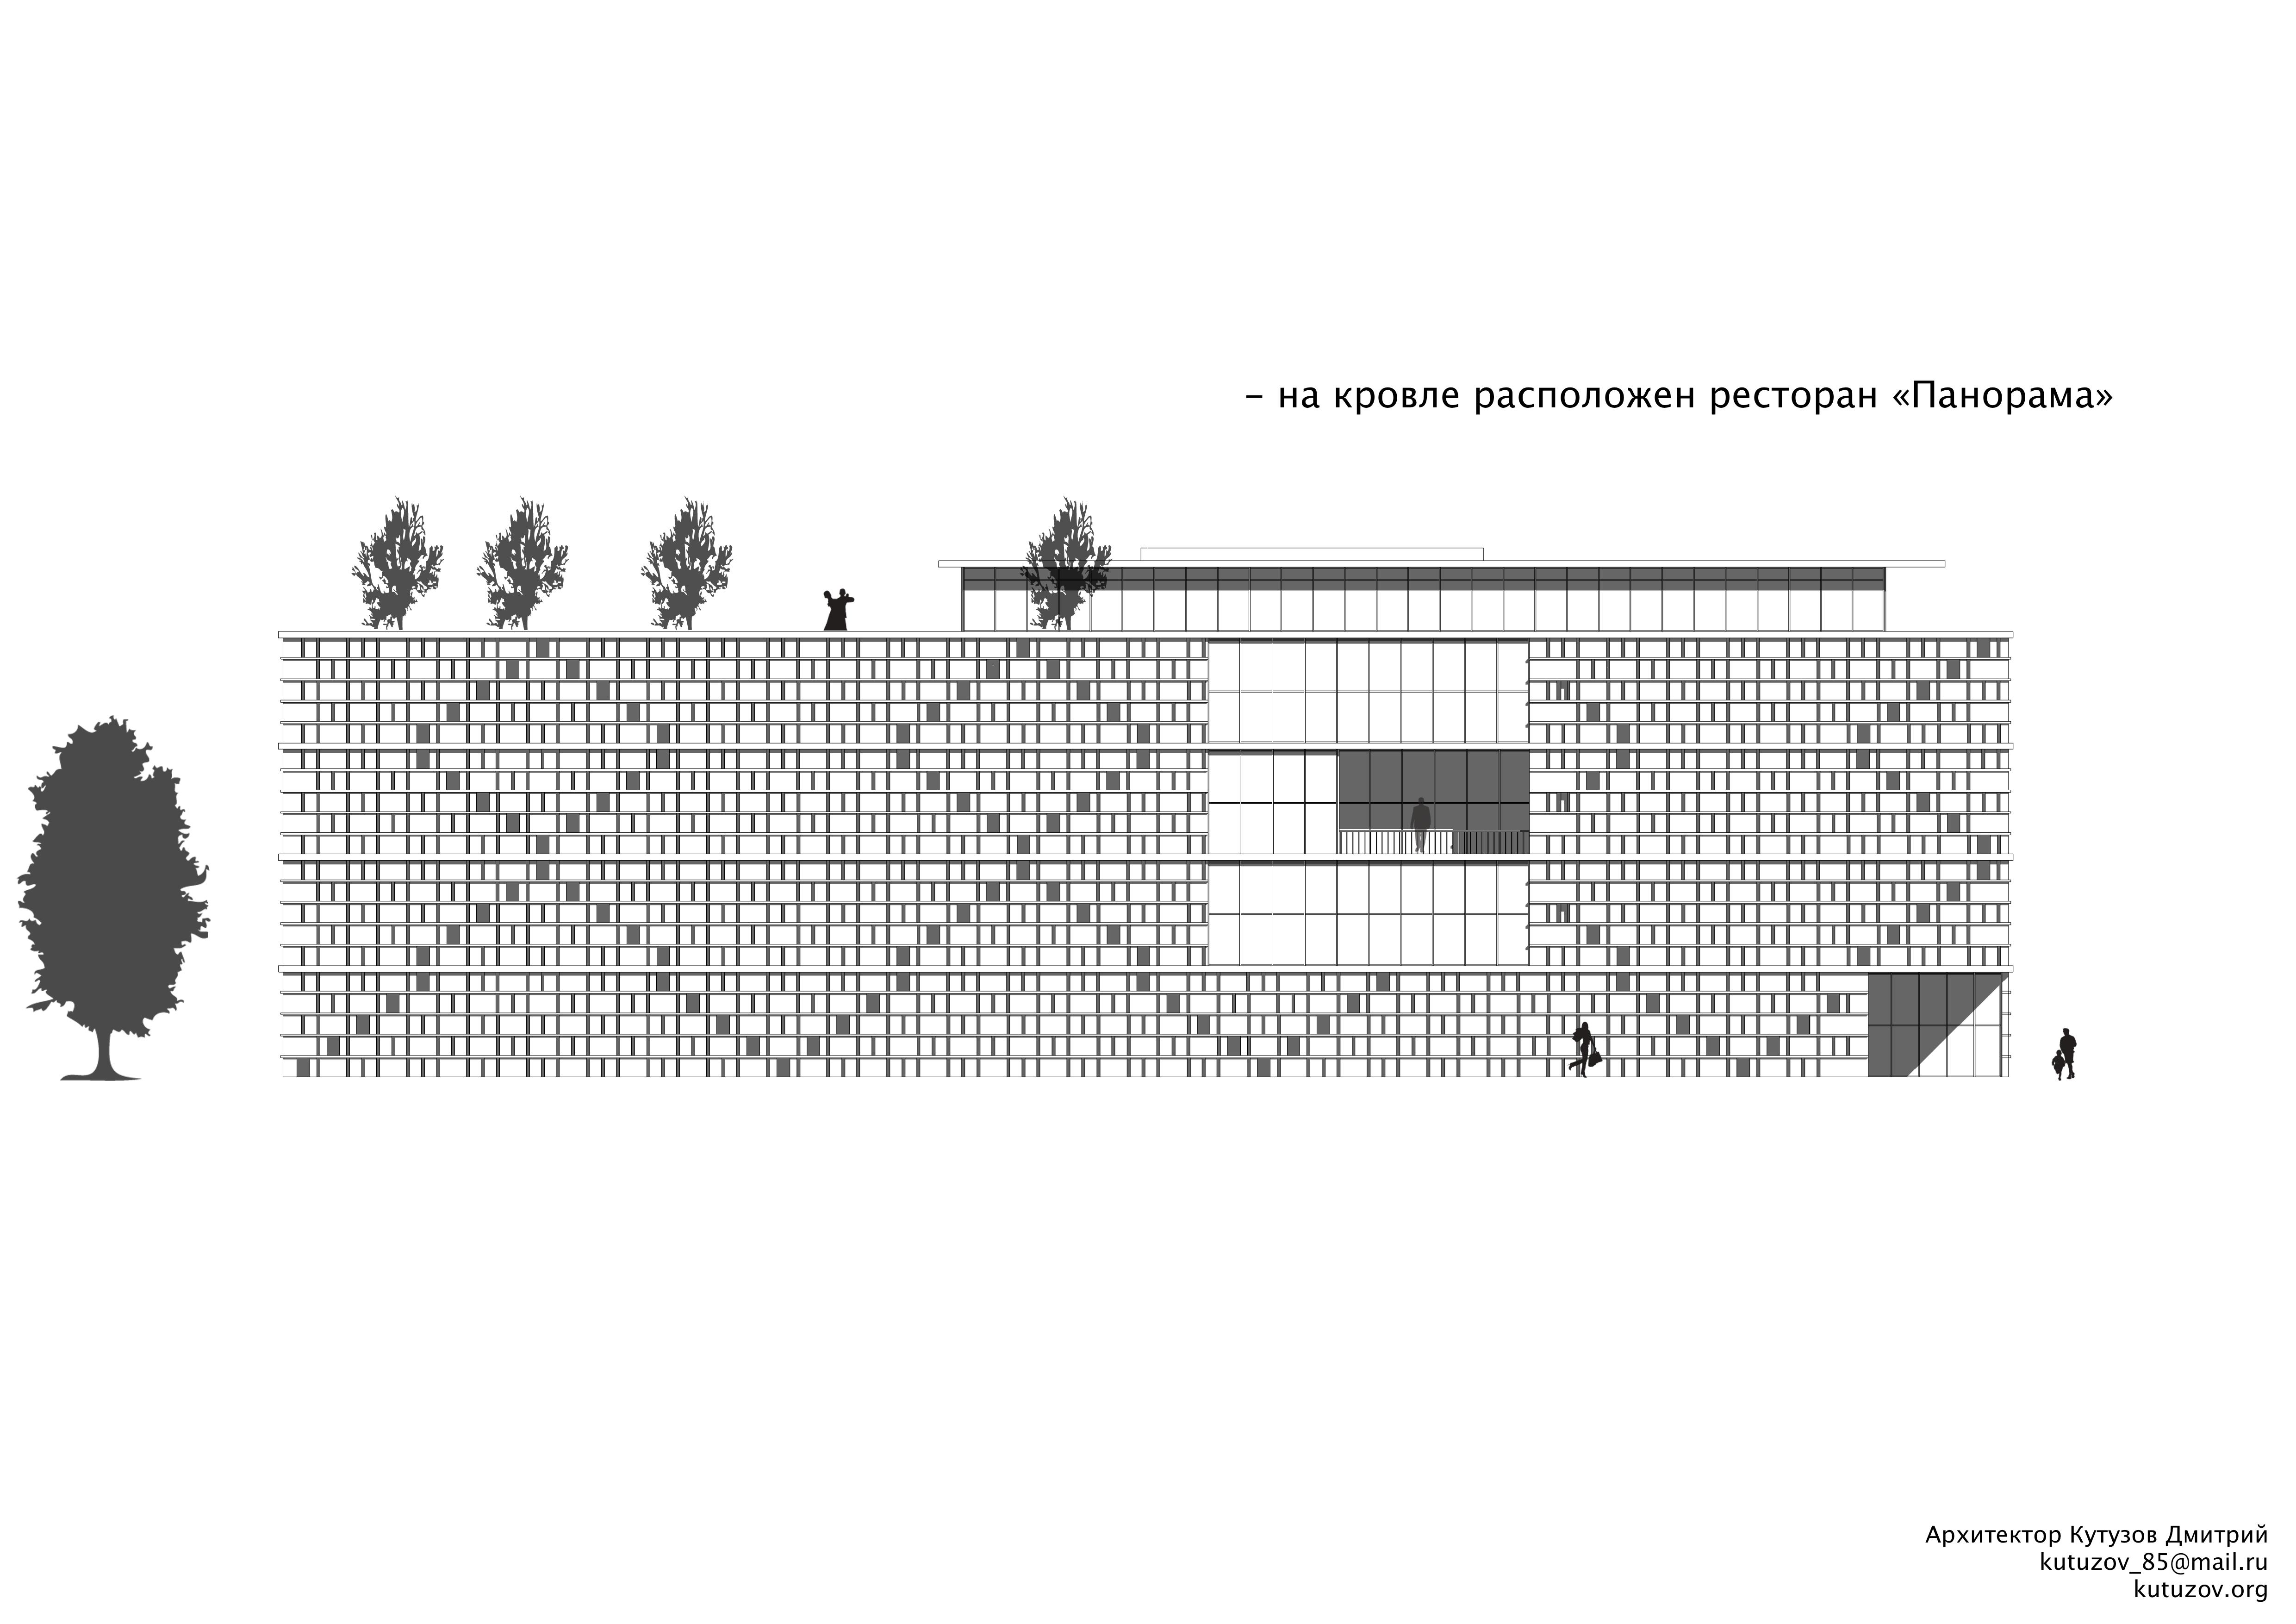 Разработка архитектурной концепции театра оперы и балета фото f_02152f4c9363cbc4.jpg